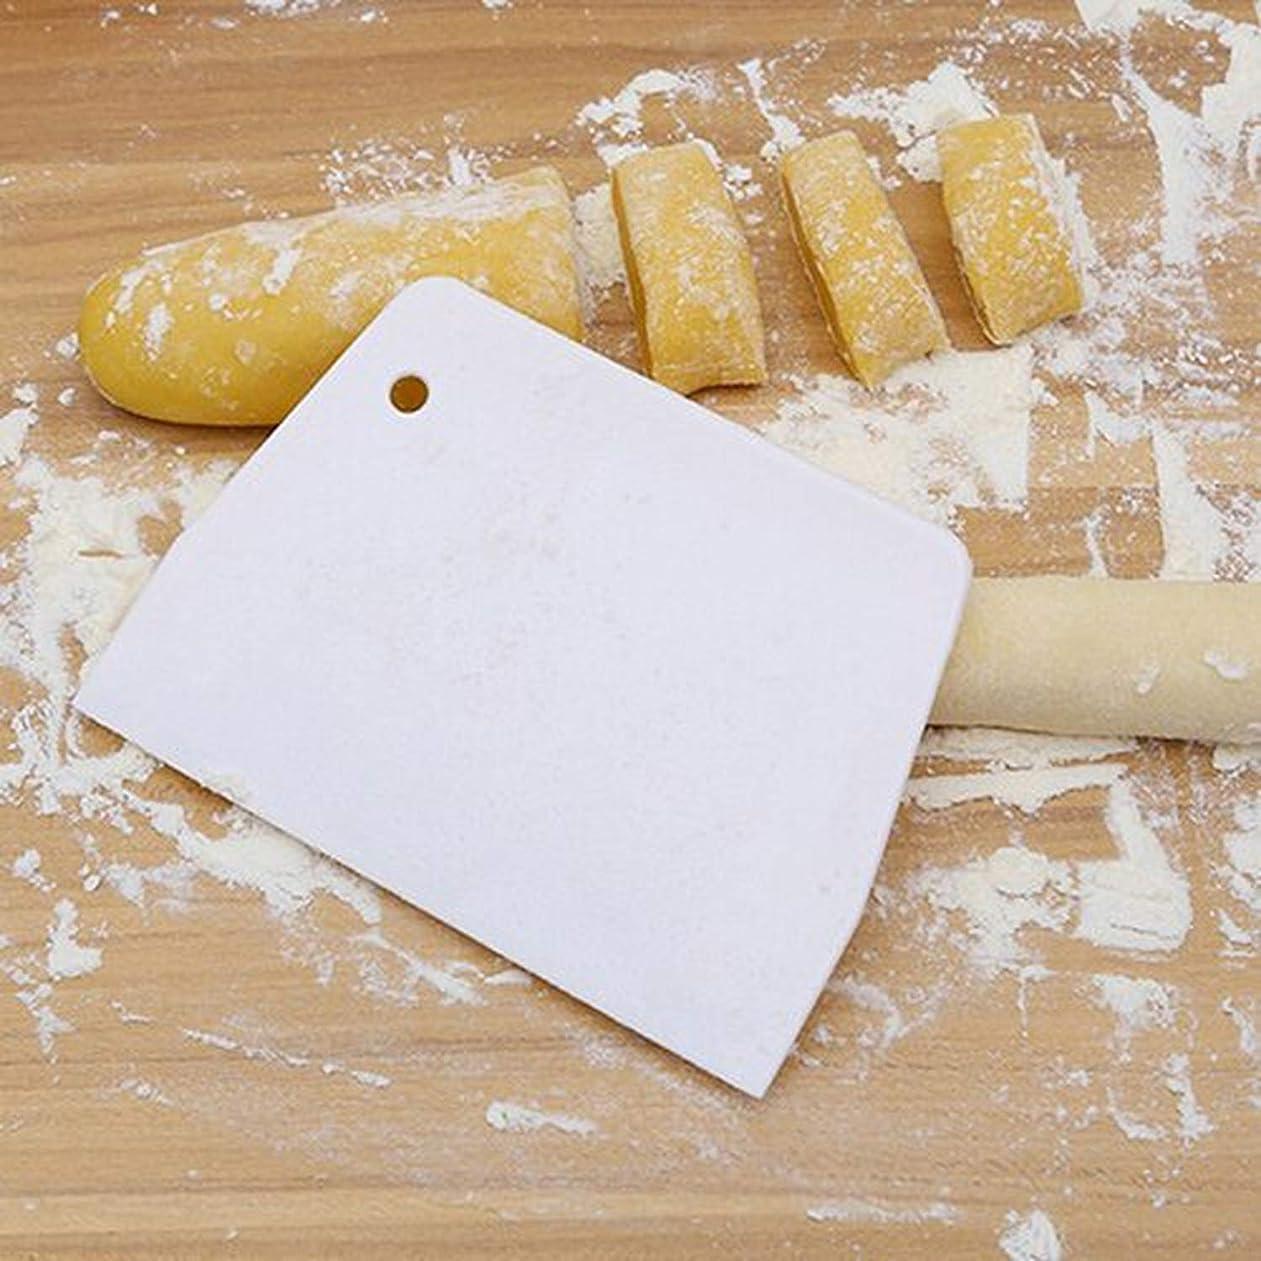 指標寛容富キッチンツールアクセサリープラスチック製キッチンツールを飾る人気のペストリー生地スクレーパーブレード焼き菓子、